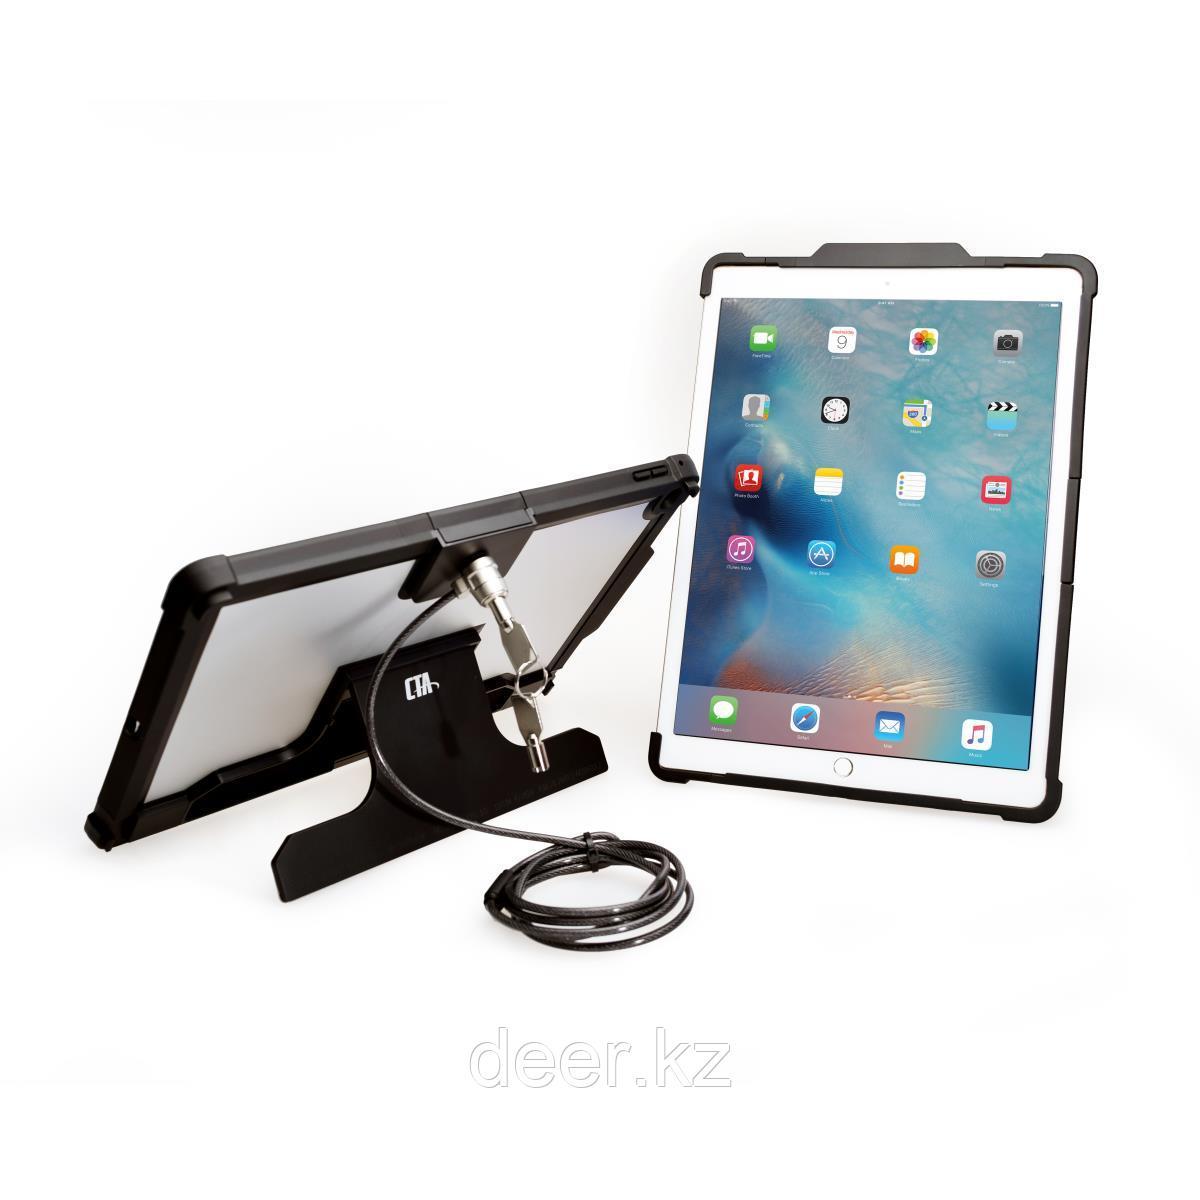 Защитная конструкция для iPad Pro 12.9 PAD-SCKP